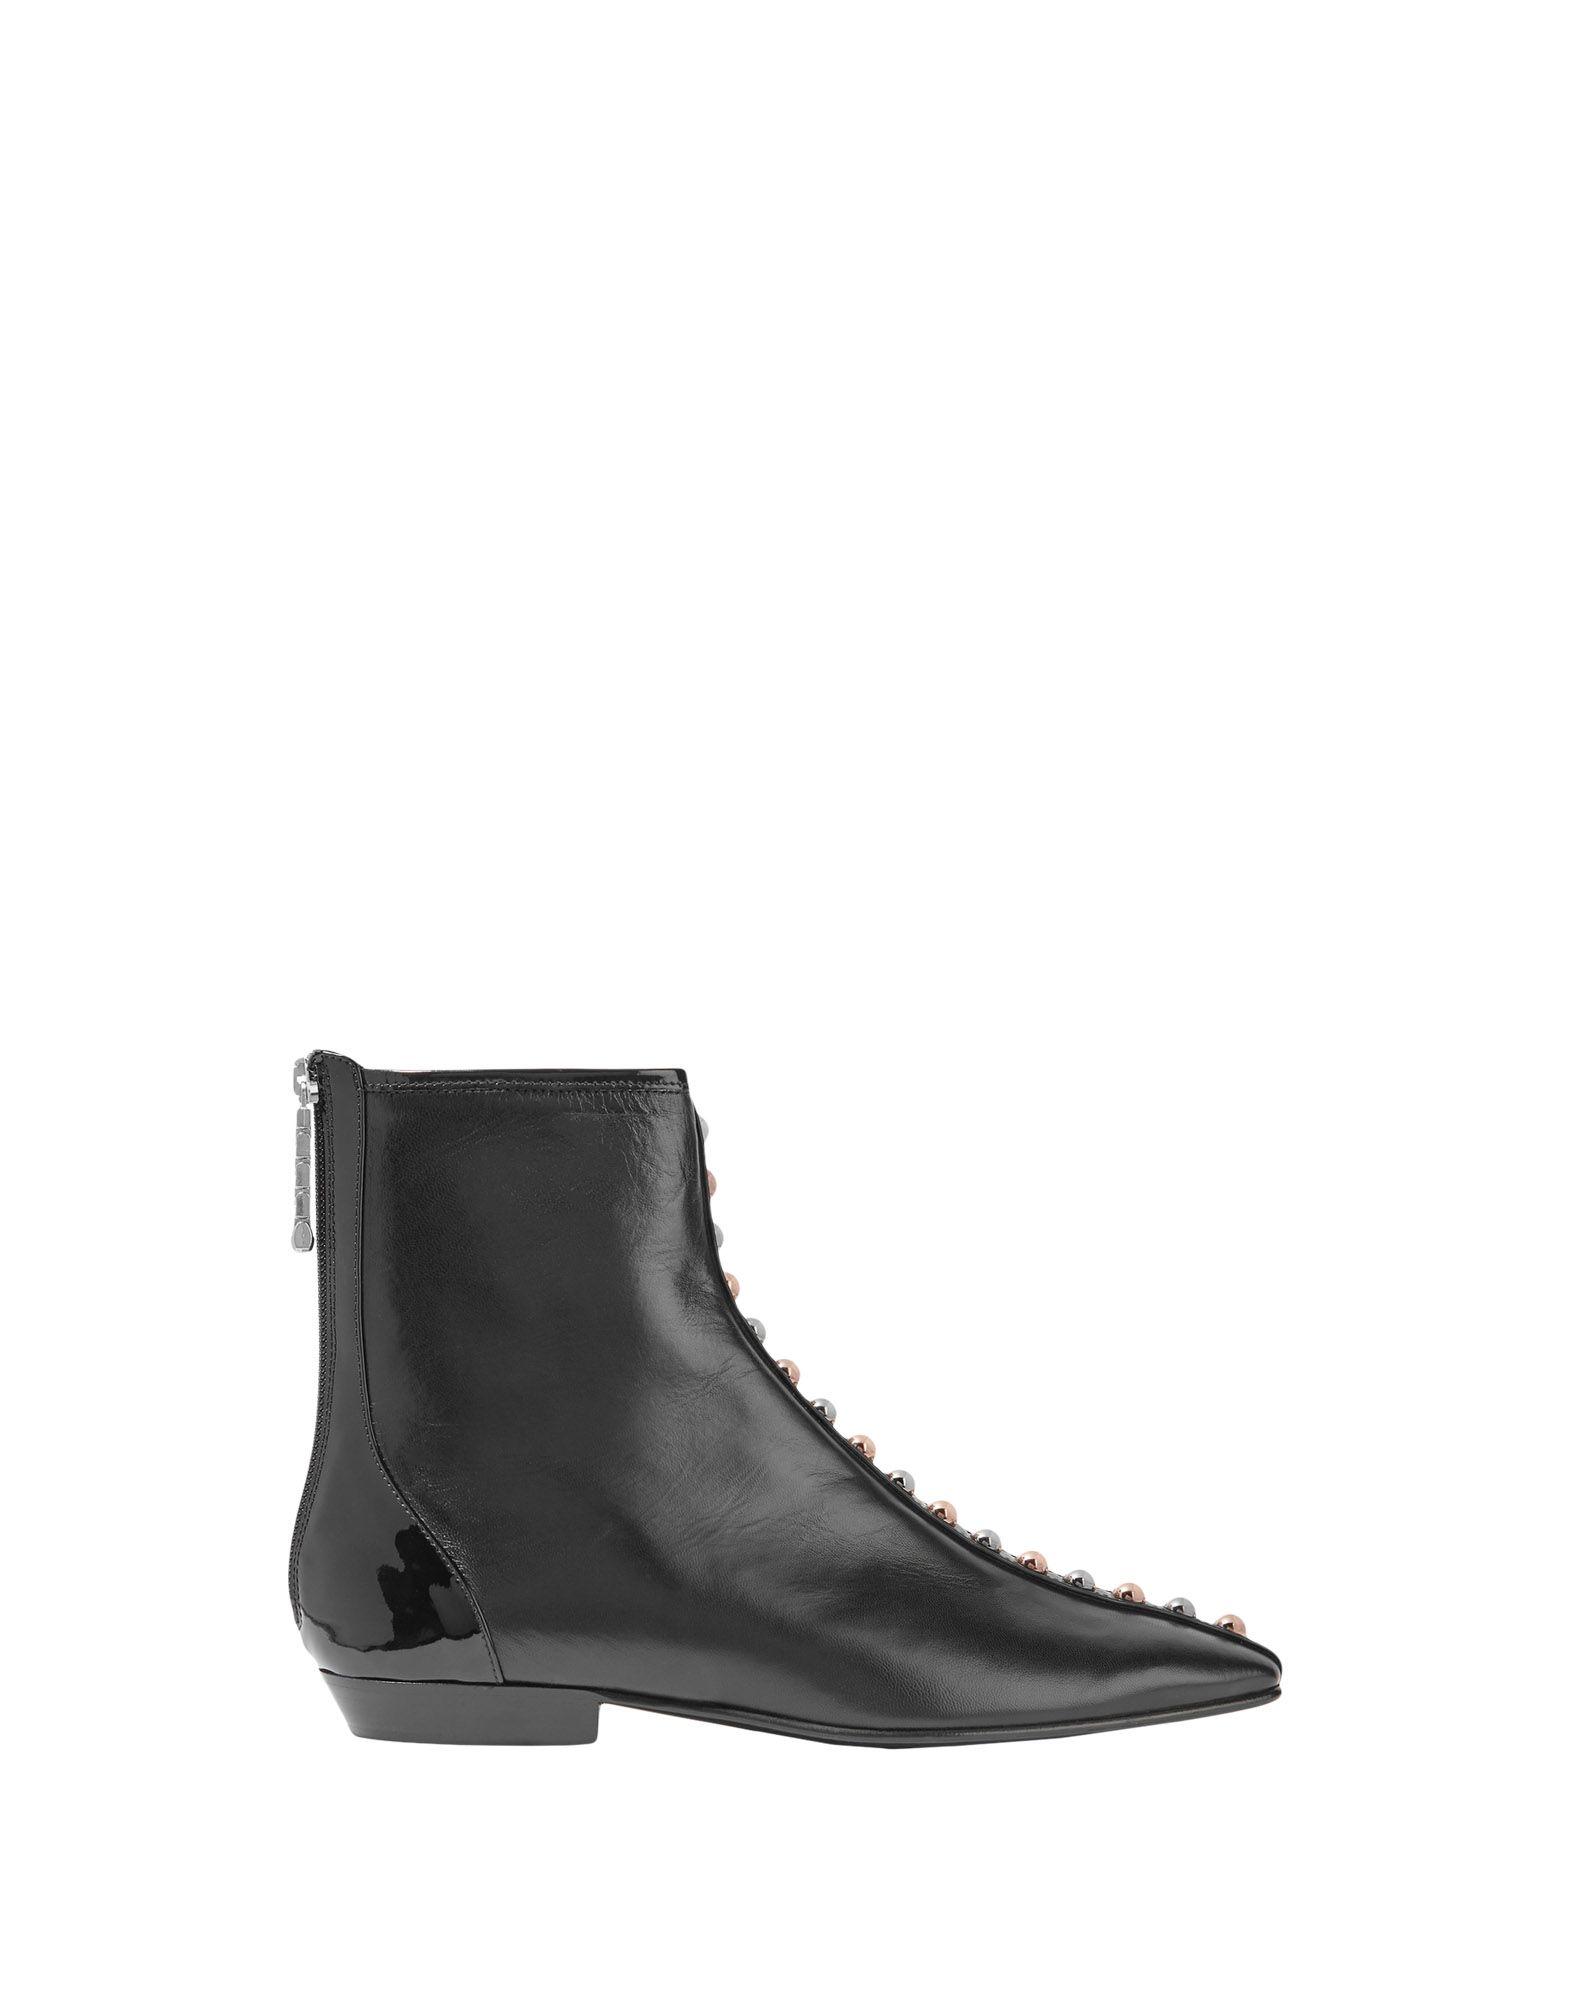 Haltbare Mode billige Schuhe J.W.Anderson Stiefelette Damen  11514879GM Heiße Schuhe